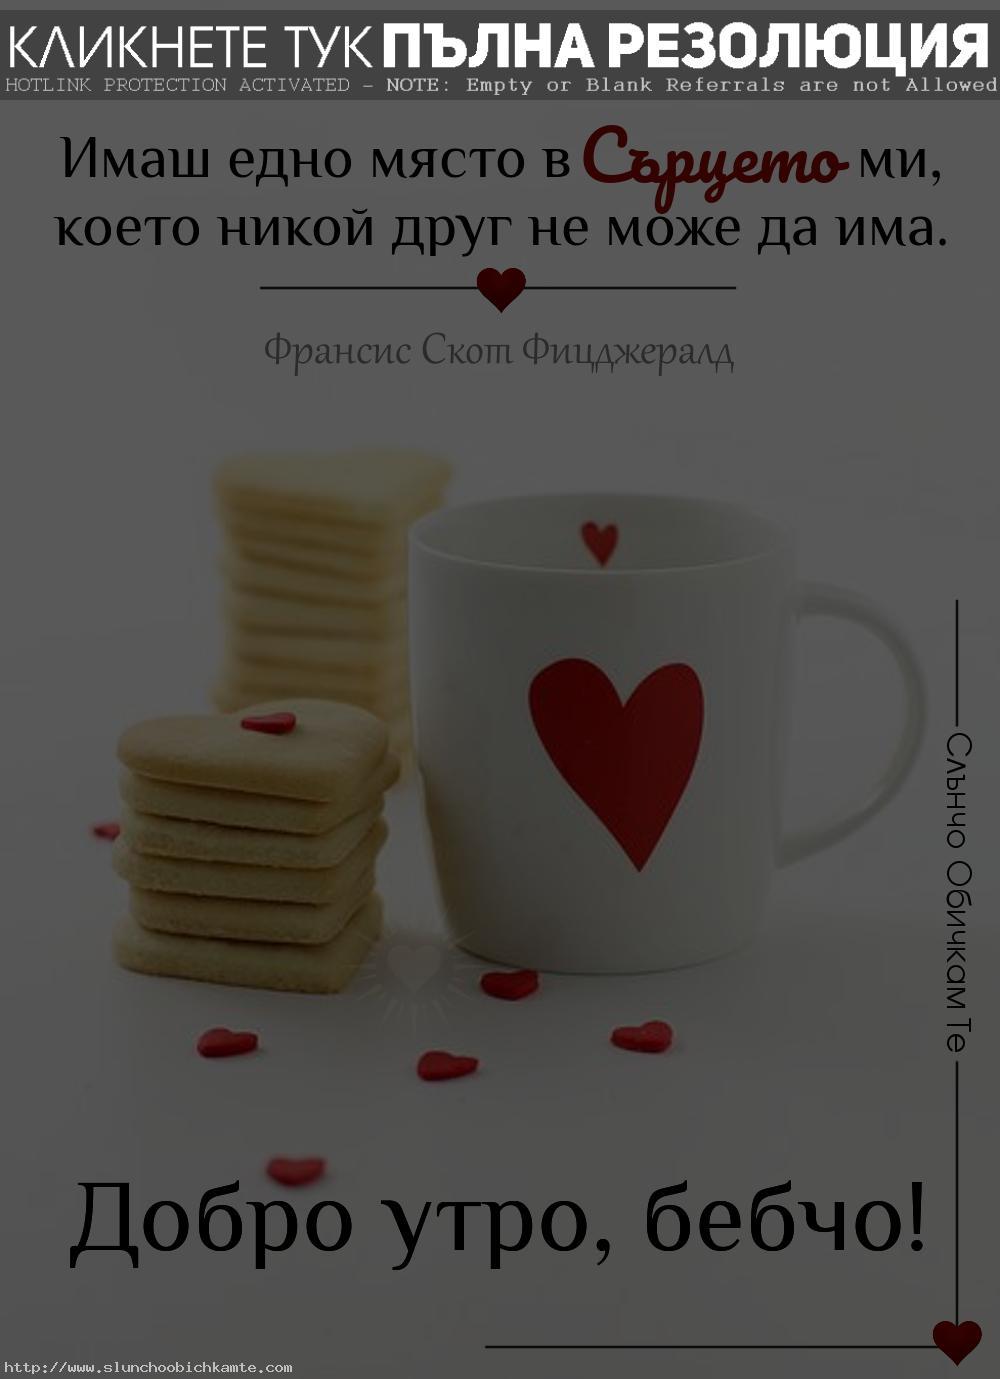 Добро утро бебчо! Имаш едно място в сърцето ми, което никой друг не може да има. Обичам те с кафе - Картички за добро утро, пожелания за добро утро за любим човек с кафе и сърце и бисквитки